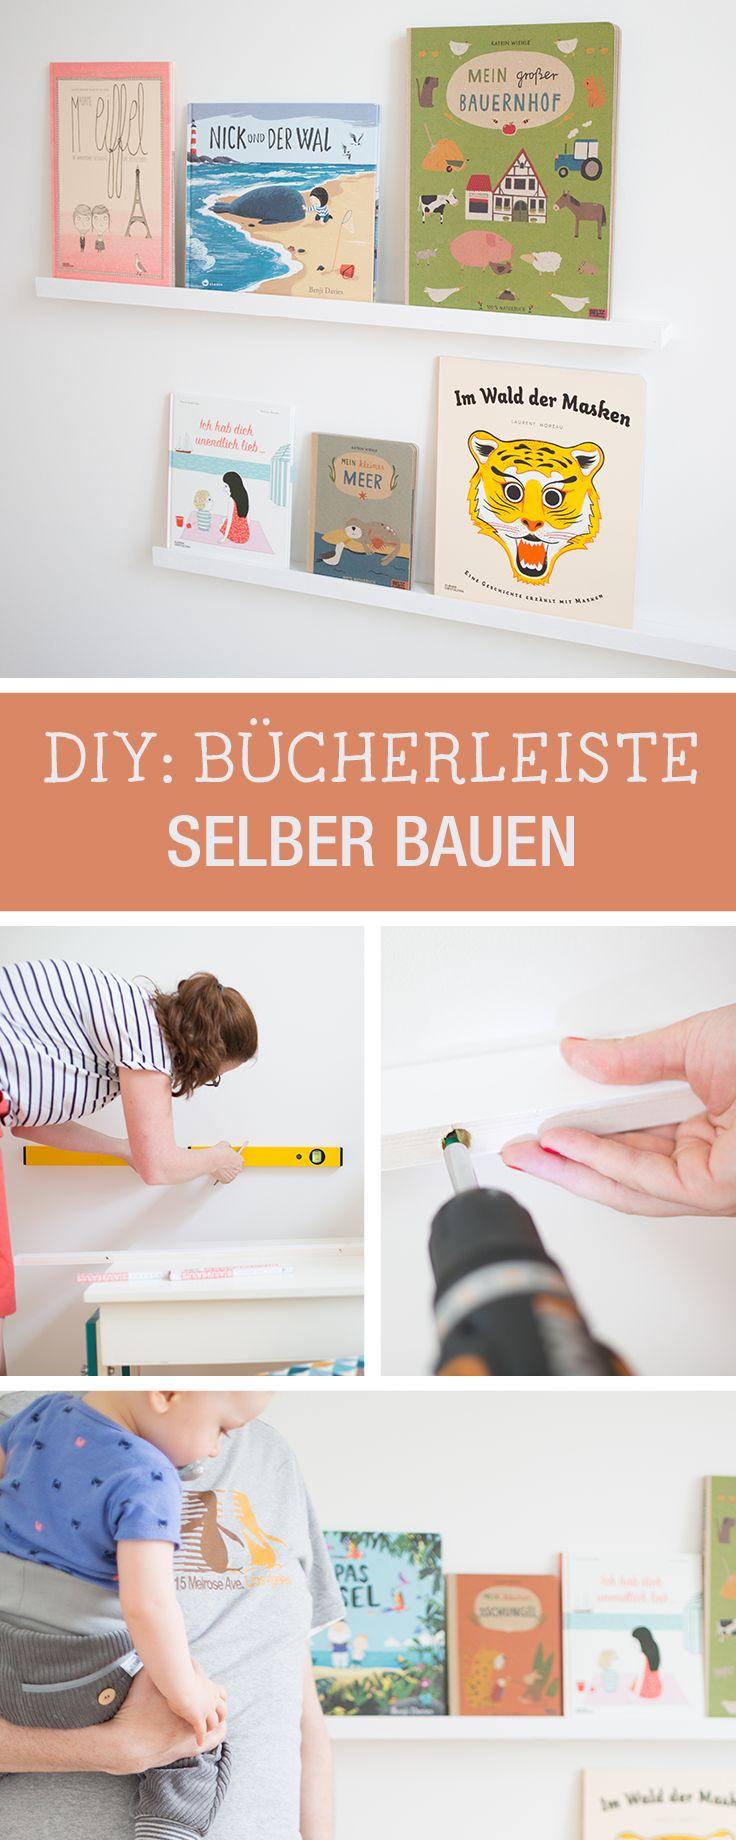 Kinderzimmer DIY: Schlichte Bücherleiste, die Bilderbücher perfekt in Szene setzt / living diy: slim and simple shelf for children's storybooks via DaWanda.com